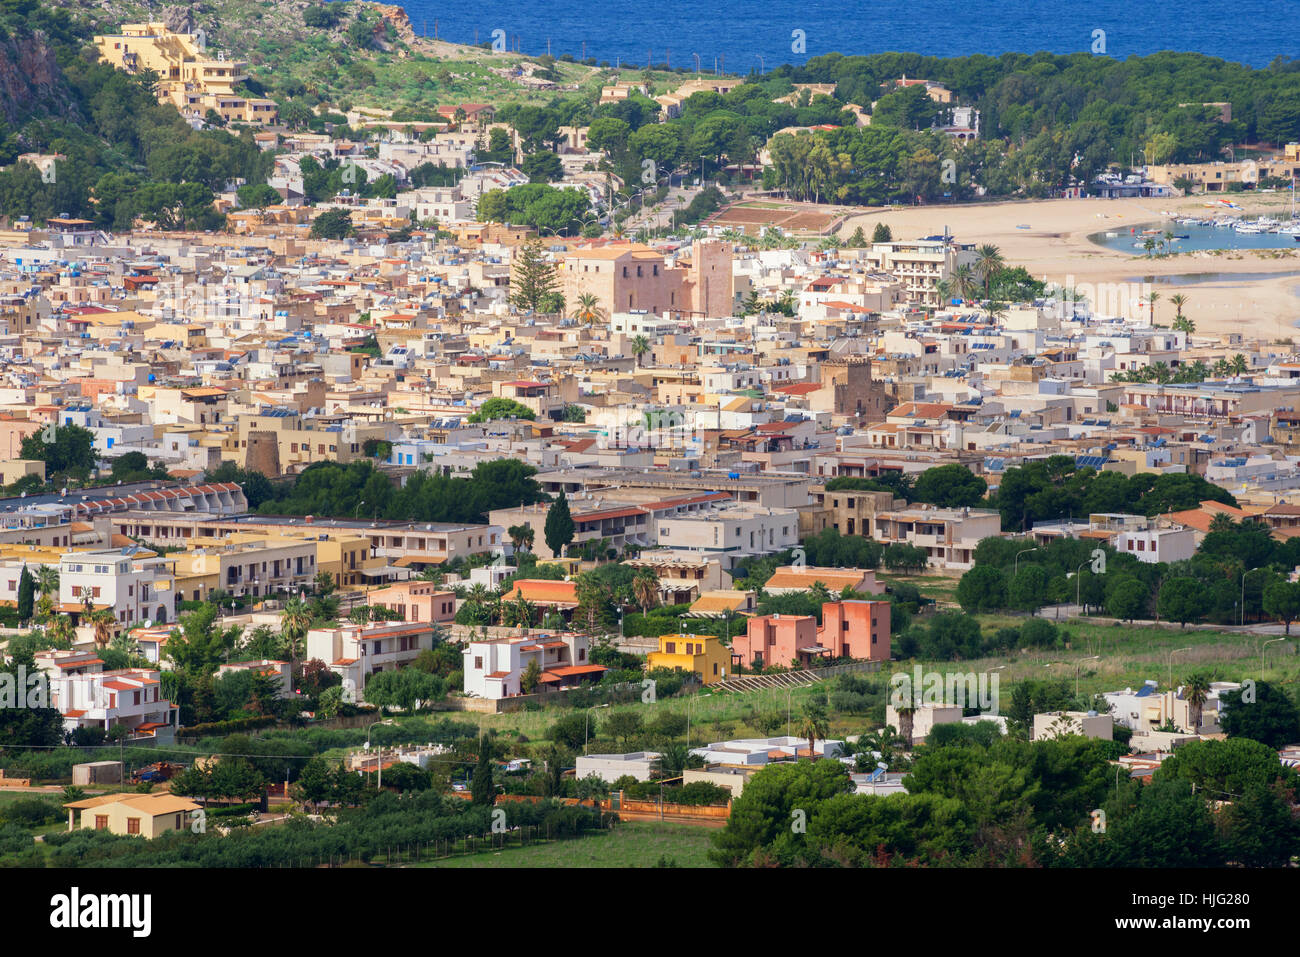 Veduta di San Vito lo Capo, Sicilia, Italia Immagini Stock